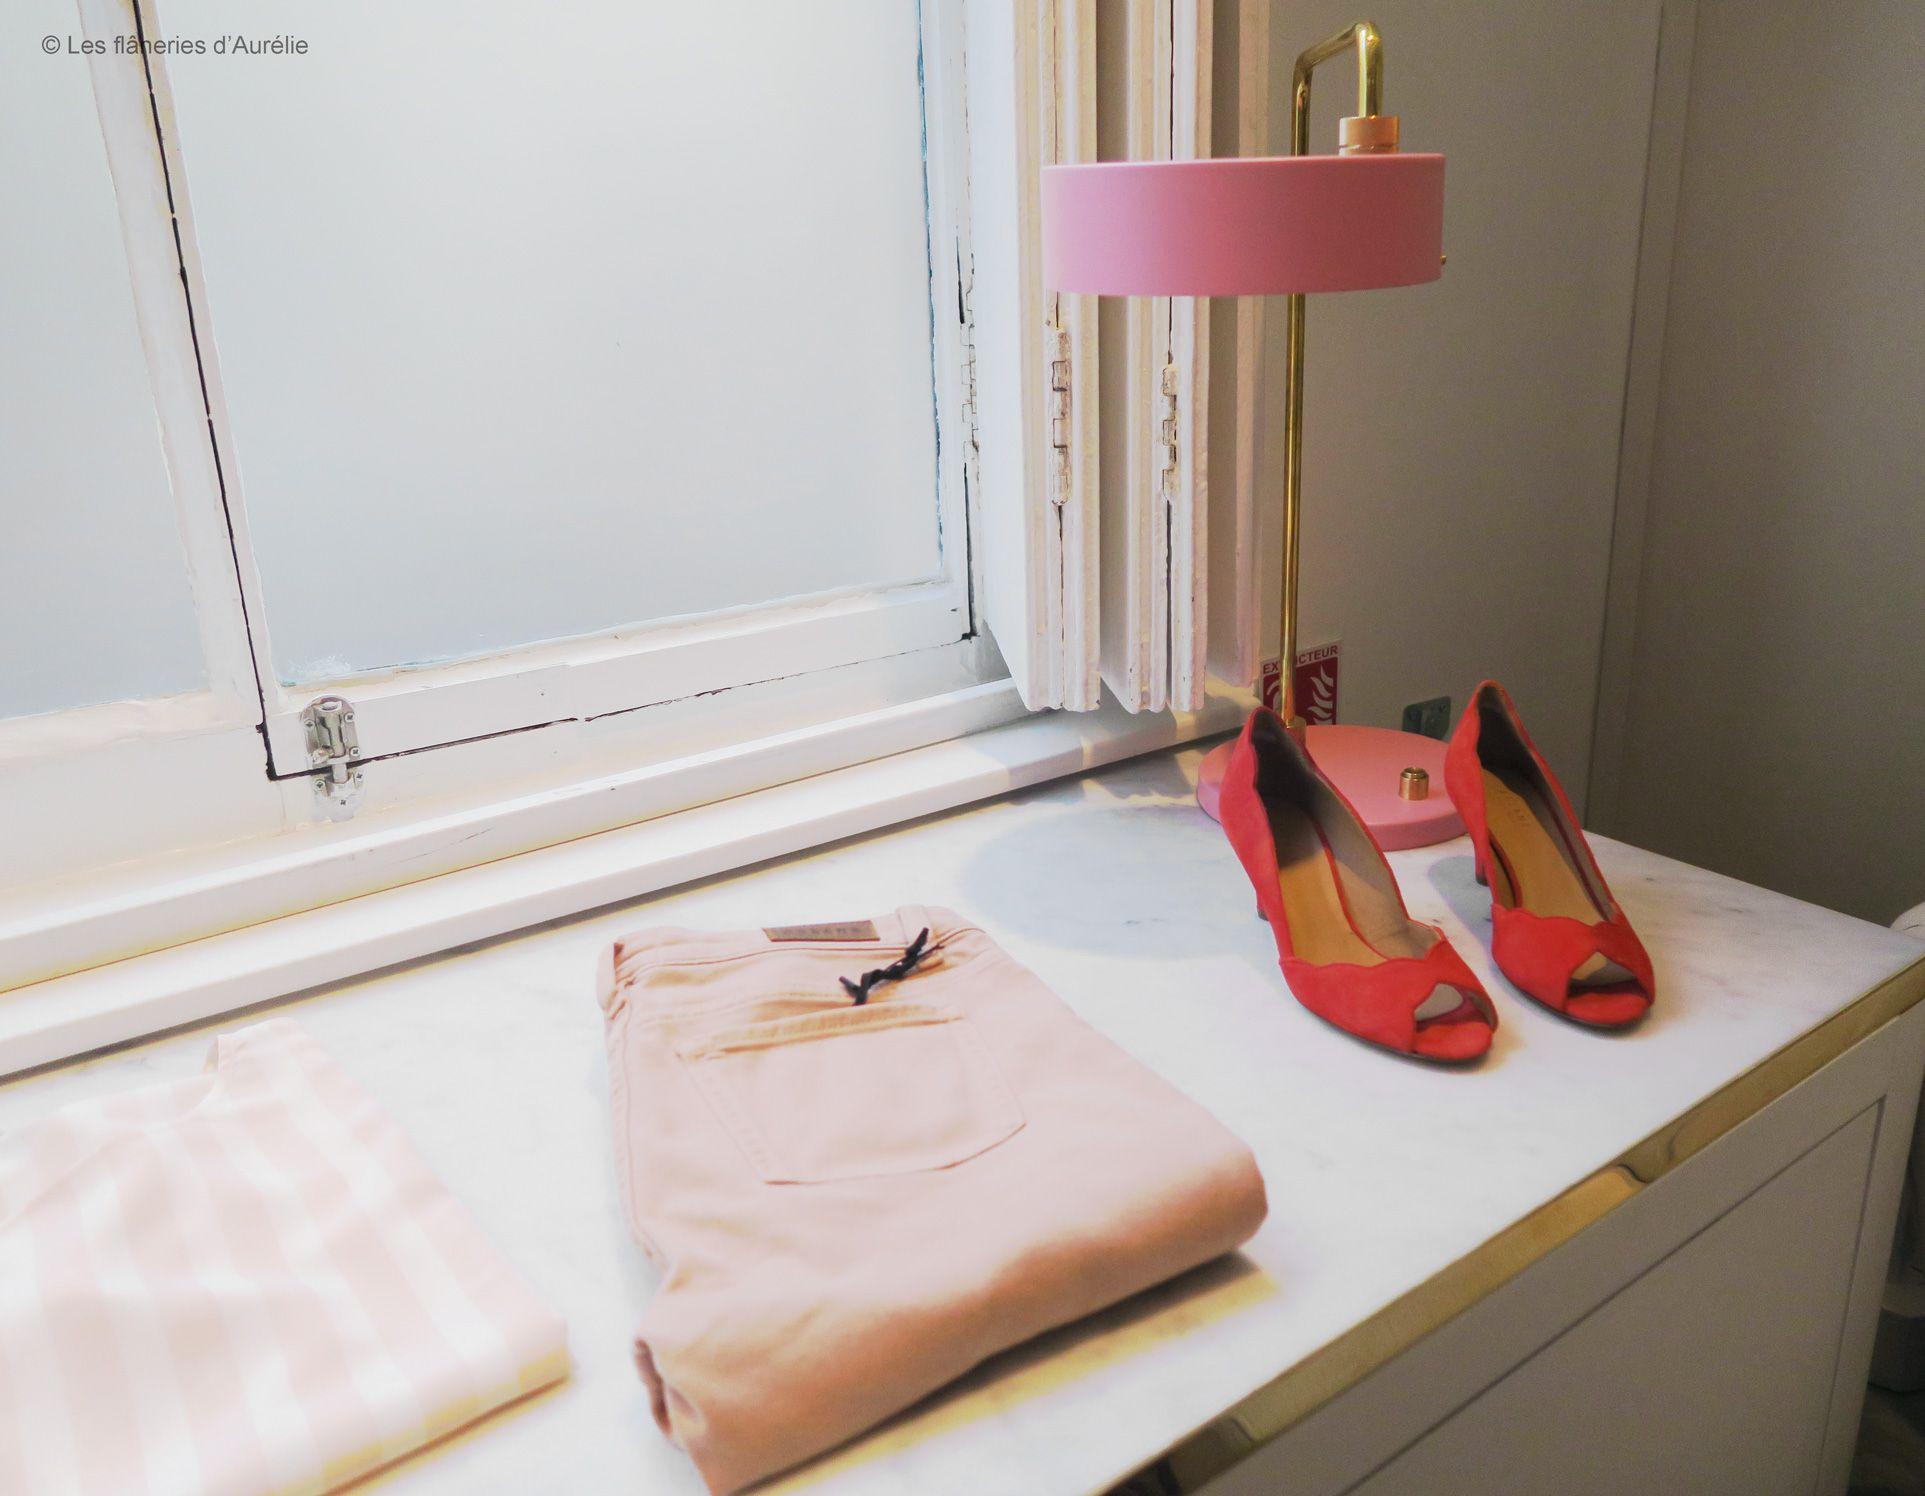 L'Appartement Sézane, oh mamma ti amo ! | Les flâneries d'Aurélie